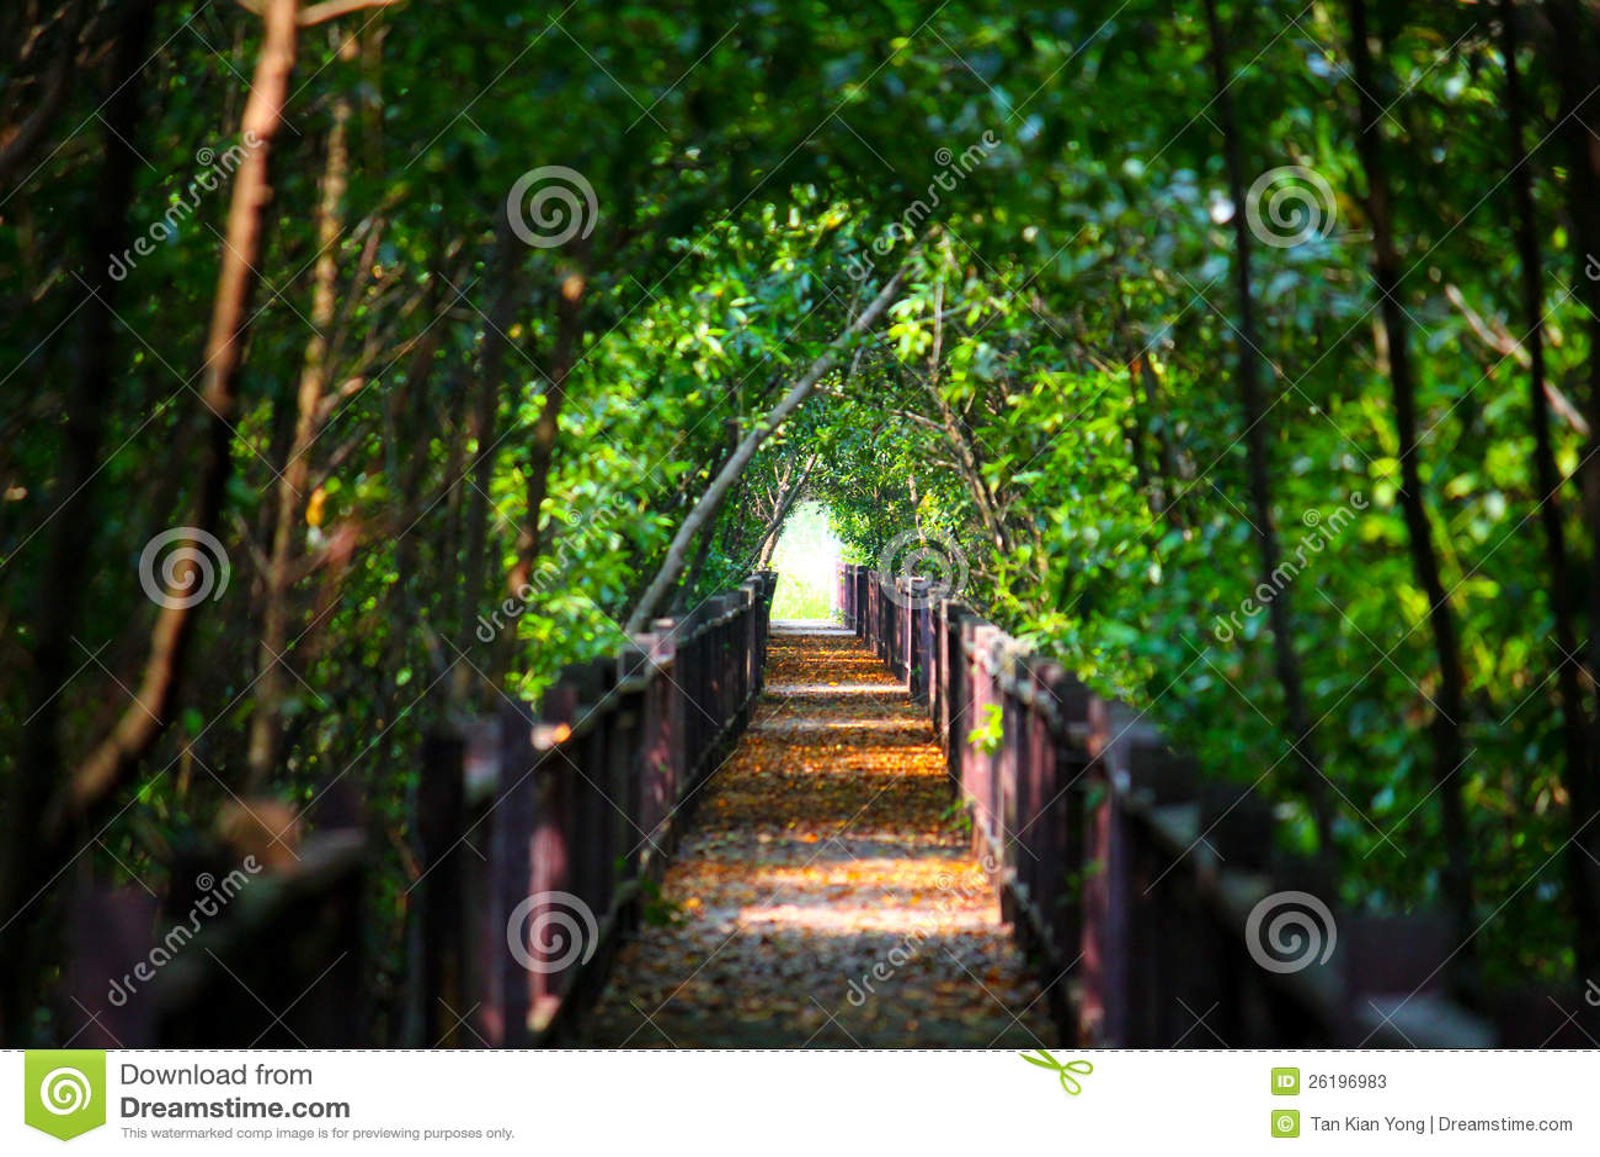 Enchanted Garden Alley Stock Photos Image 26196983